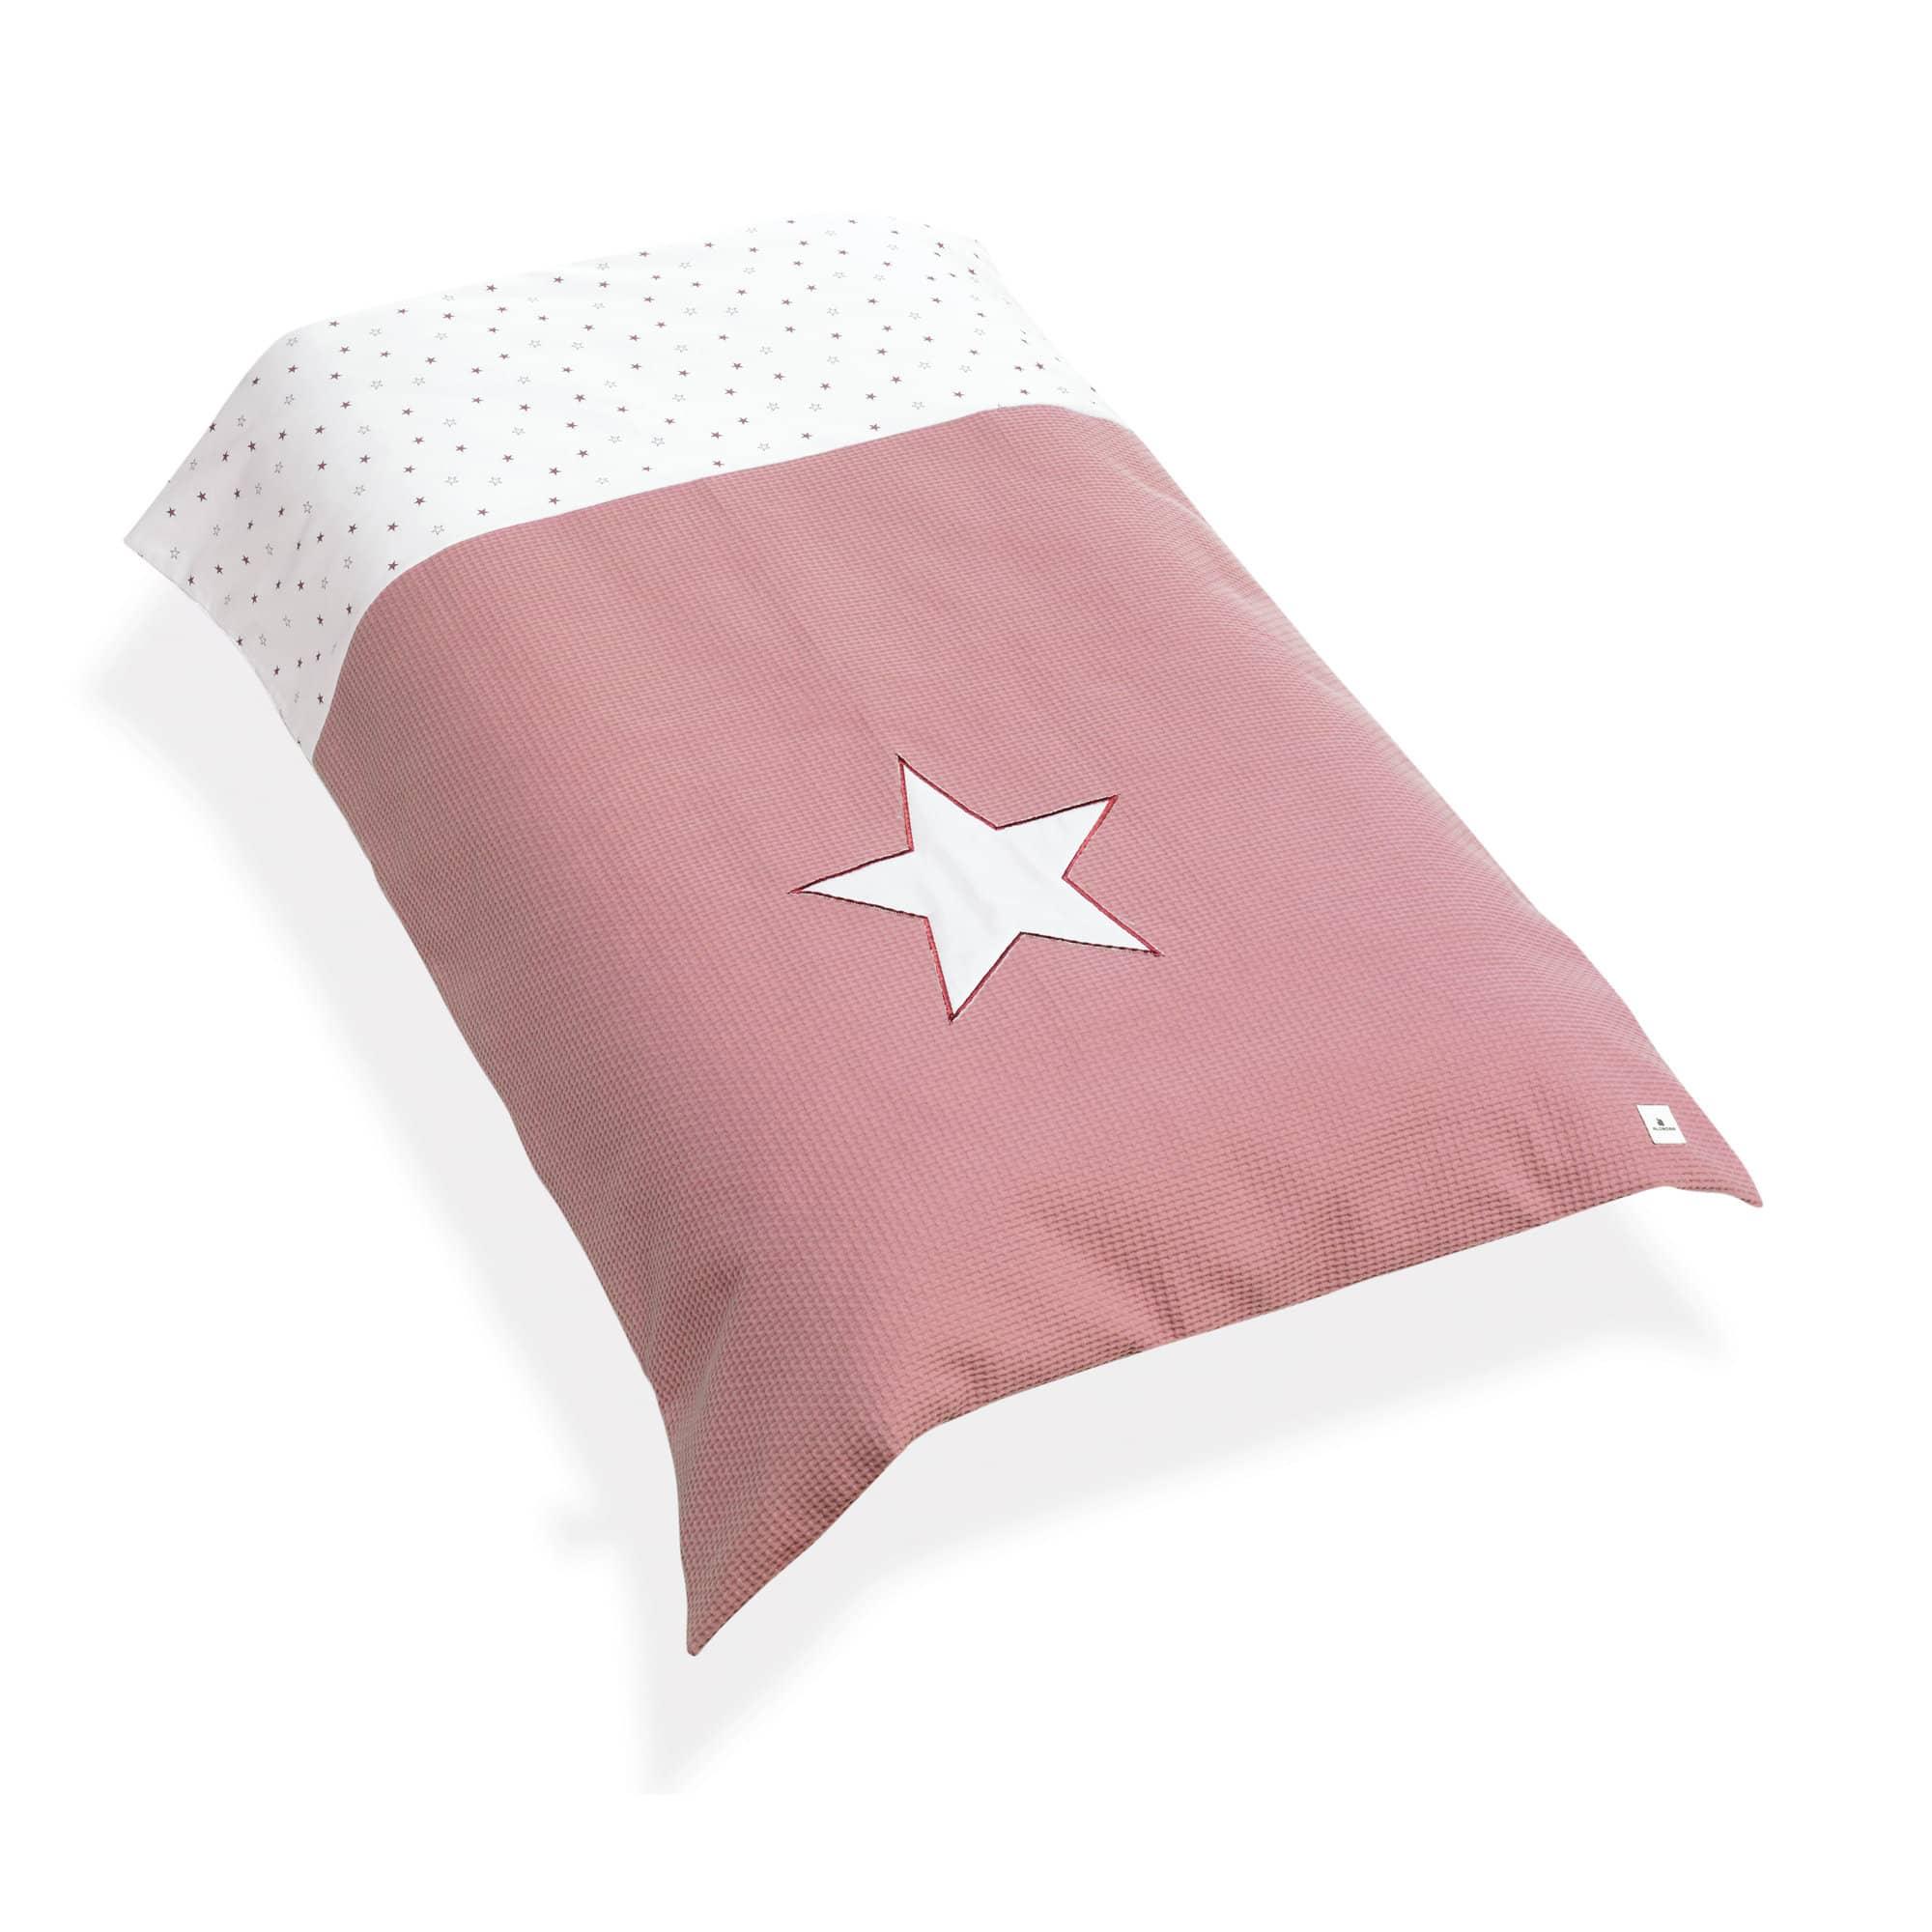 Nórdico de cuna en color rosado y estampado infantil